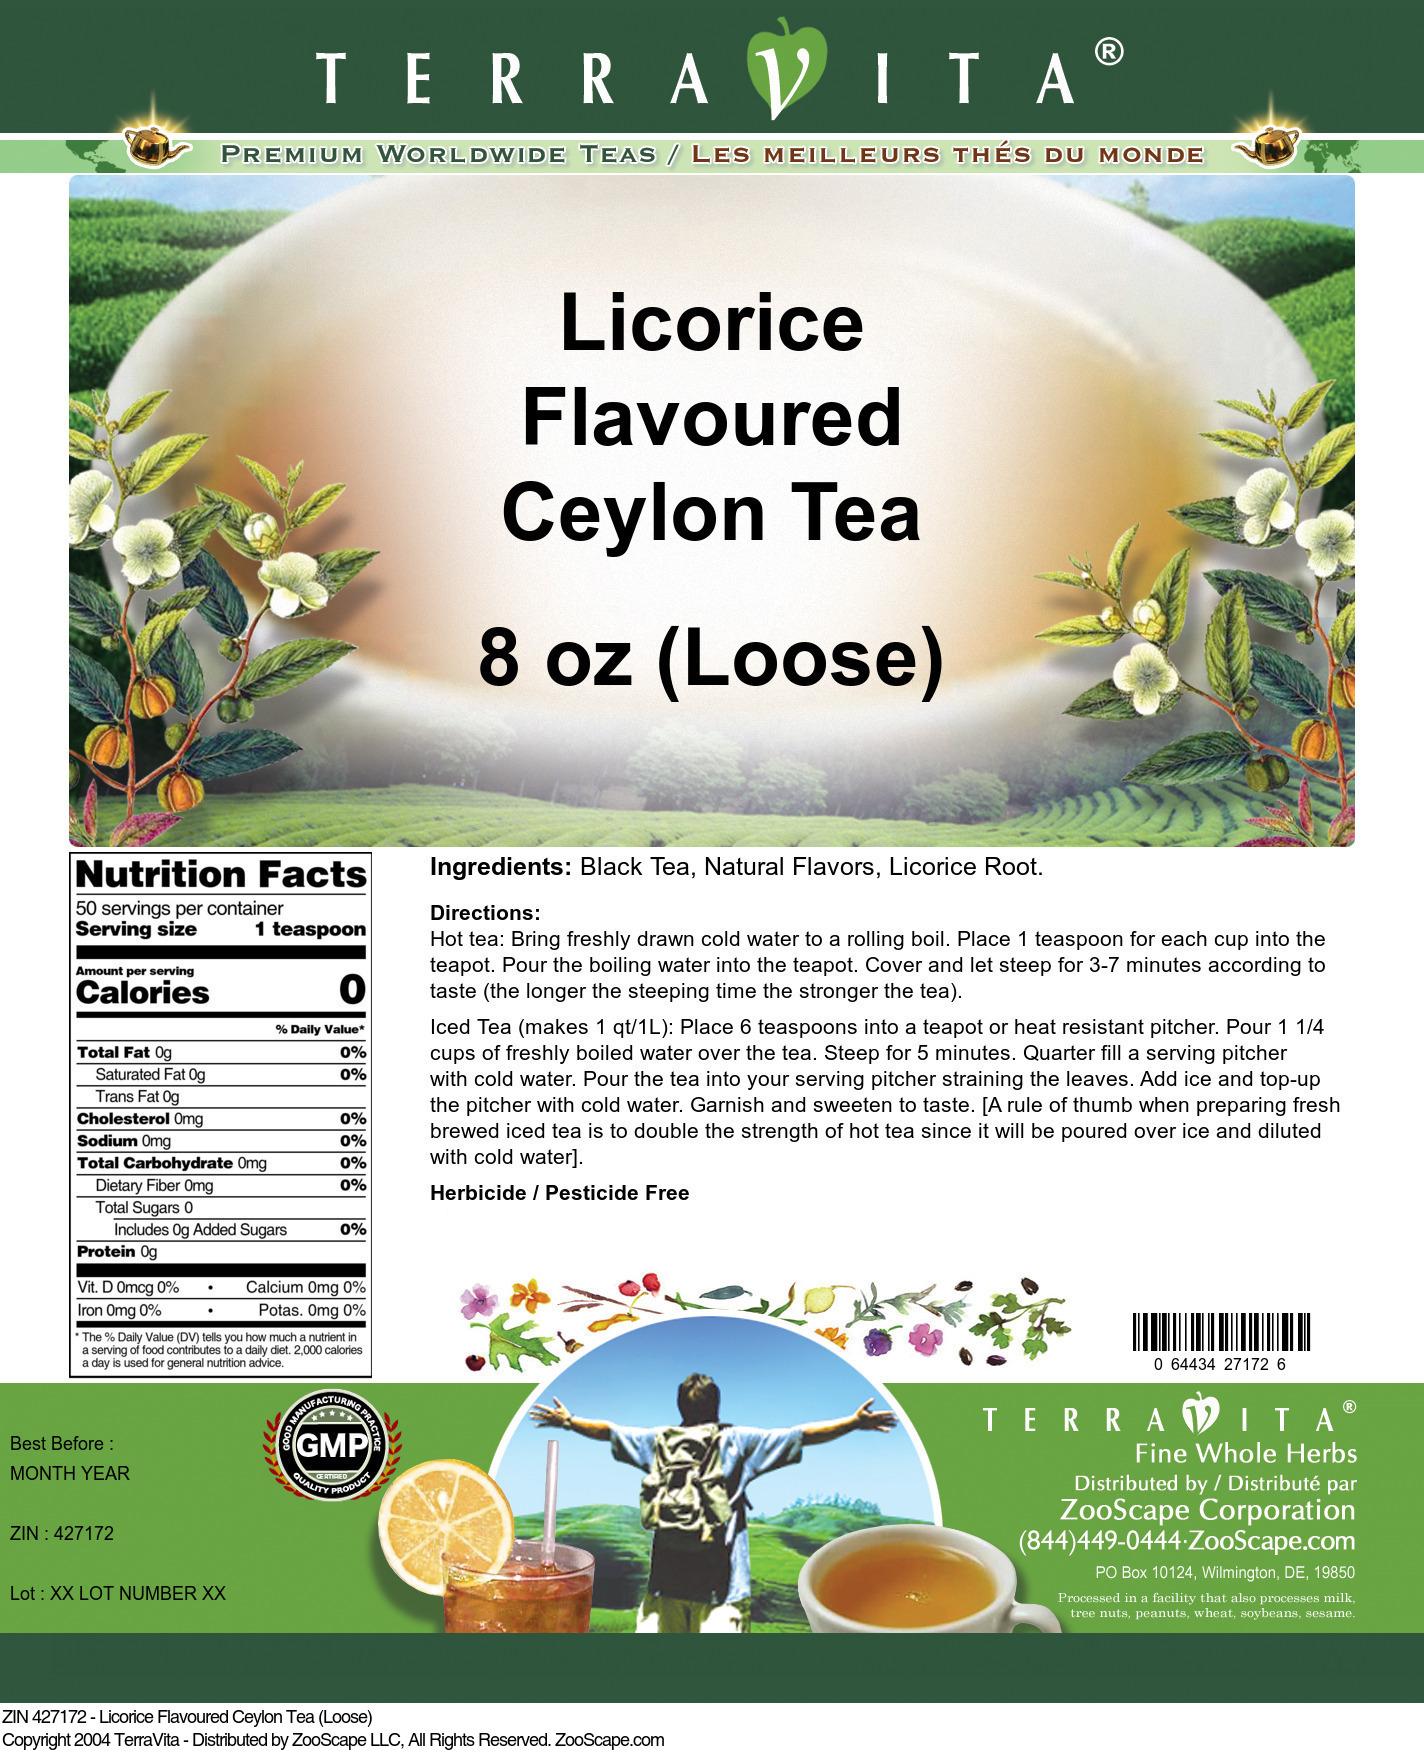 Licorice Flavoured Ceylon Tea (Loose)